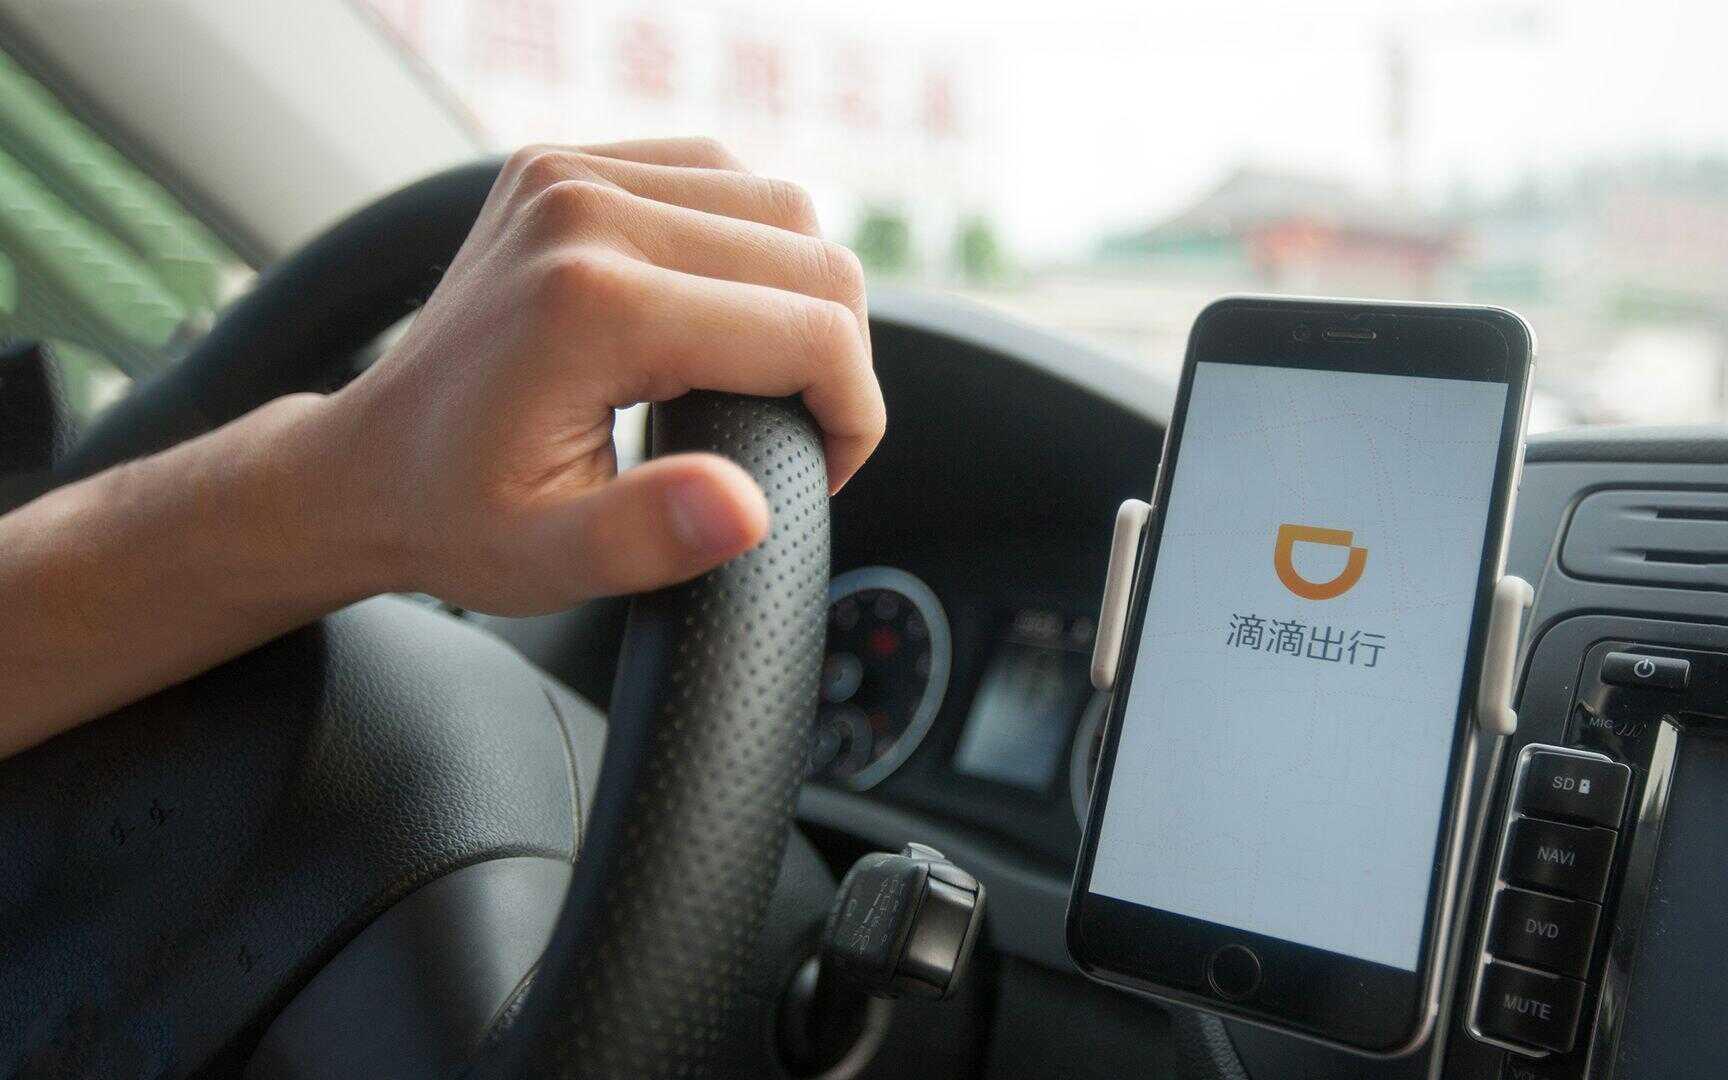 滴滴准入安全负责人:平台司机日均人脸验证 430 万人次